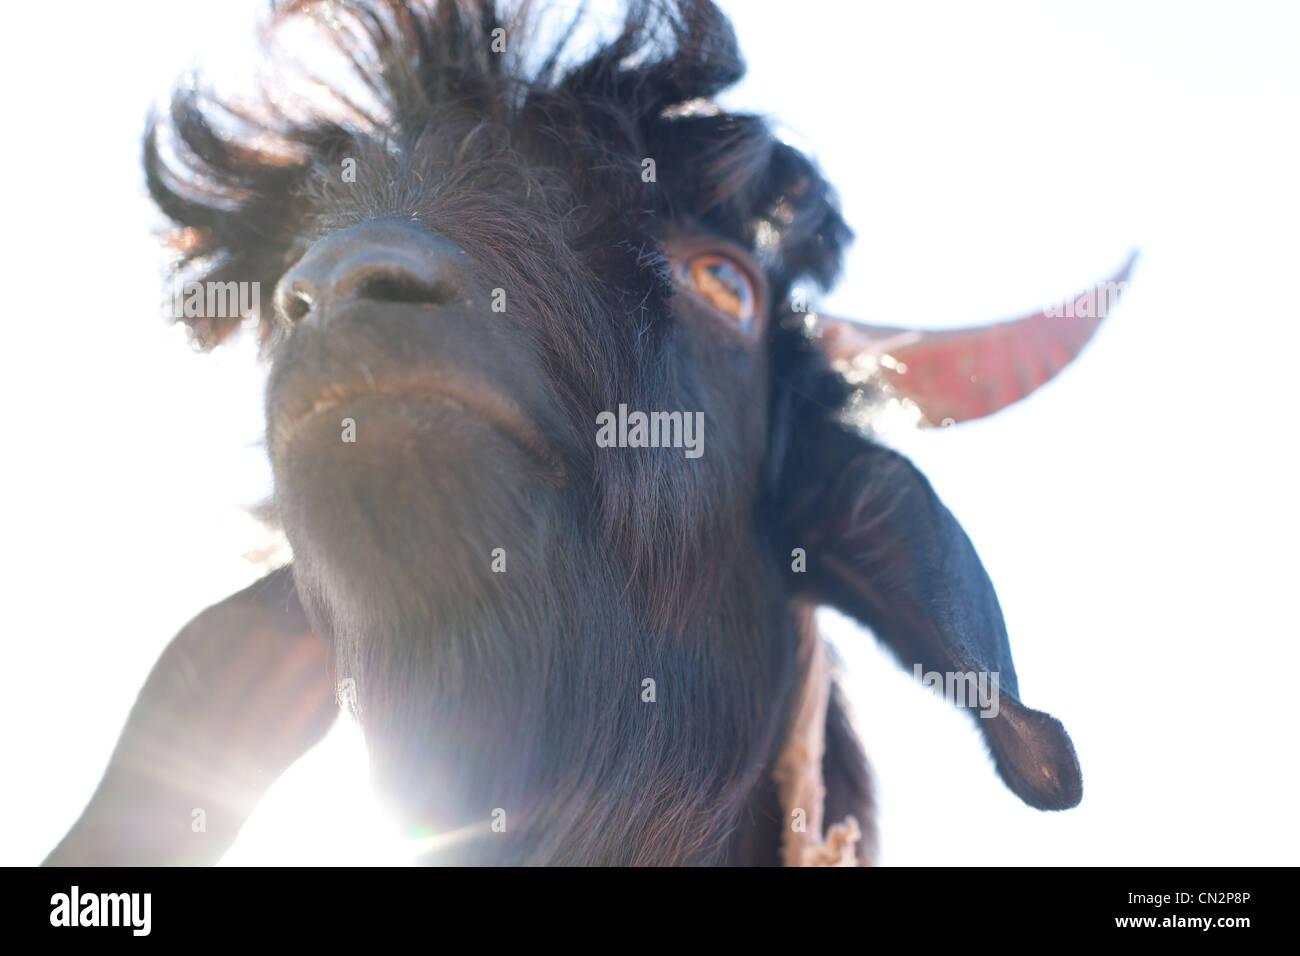 Testa della capra, angolo basso Immagini Stock